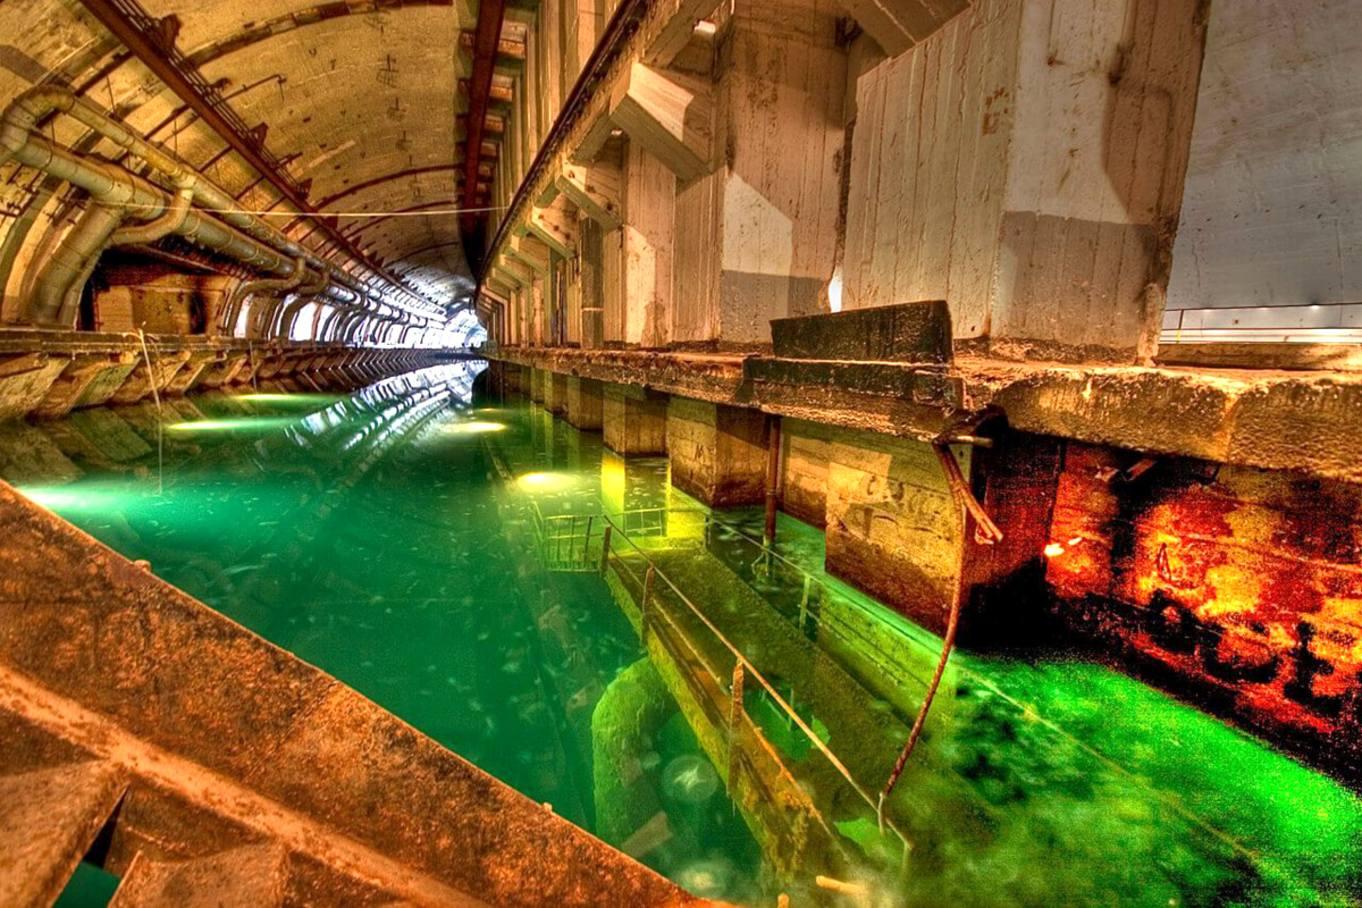 музей подводных лодок в балаклаве фото преимущественно песчаниках, алевритовых